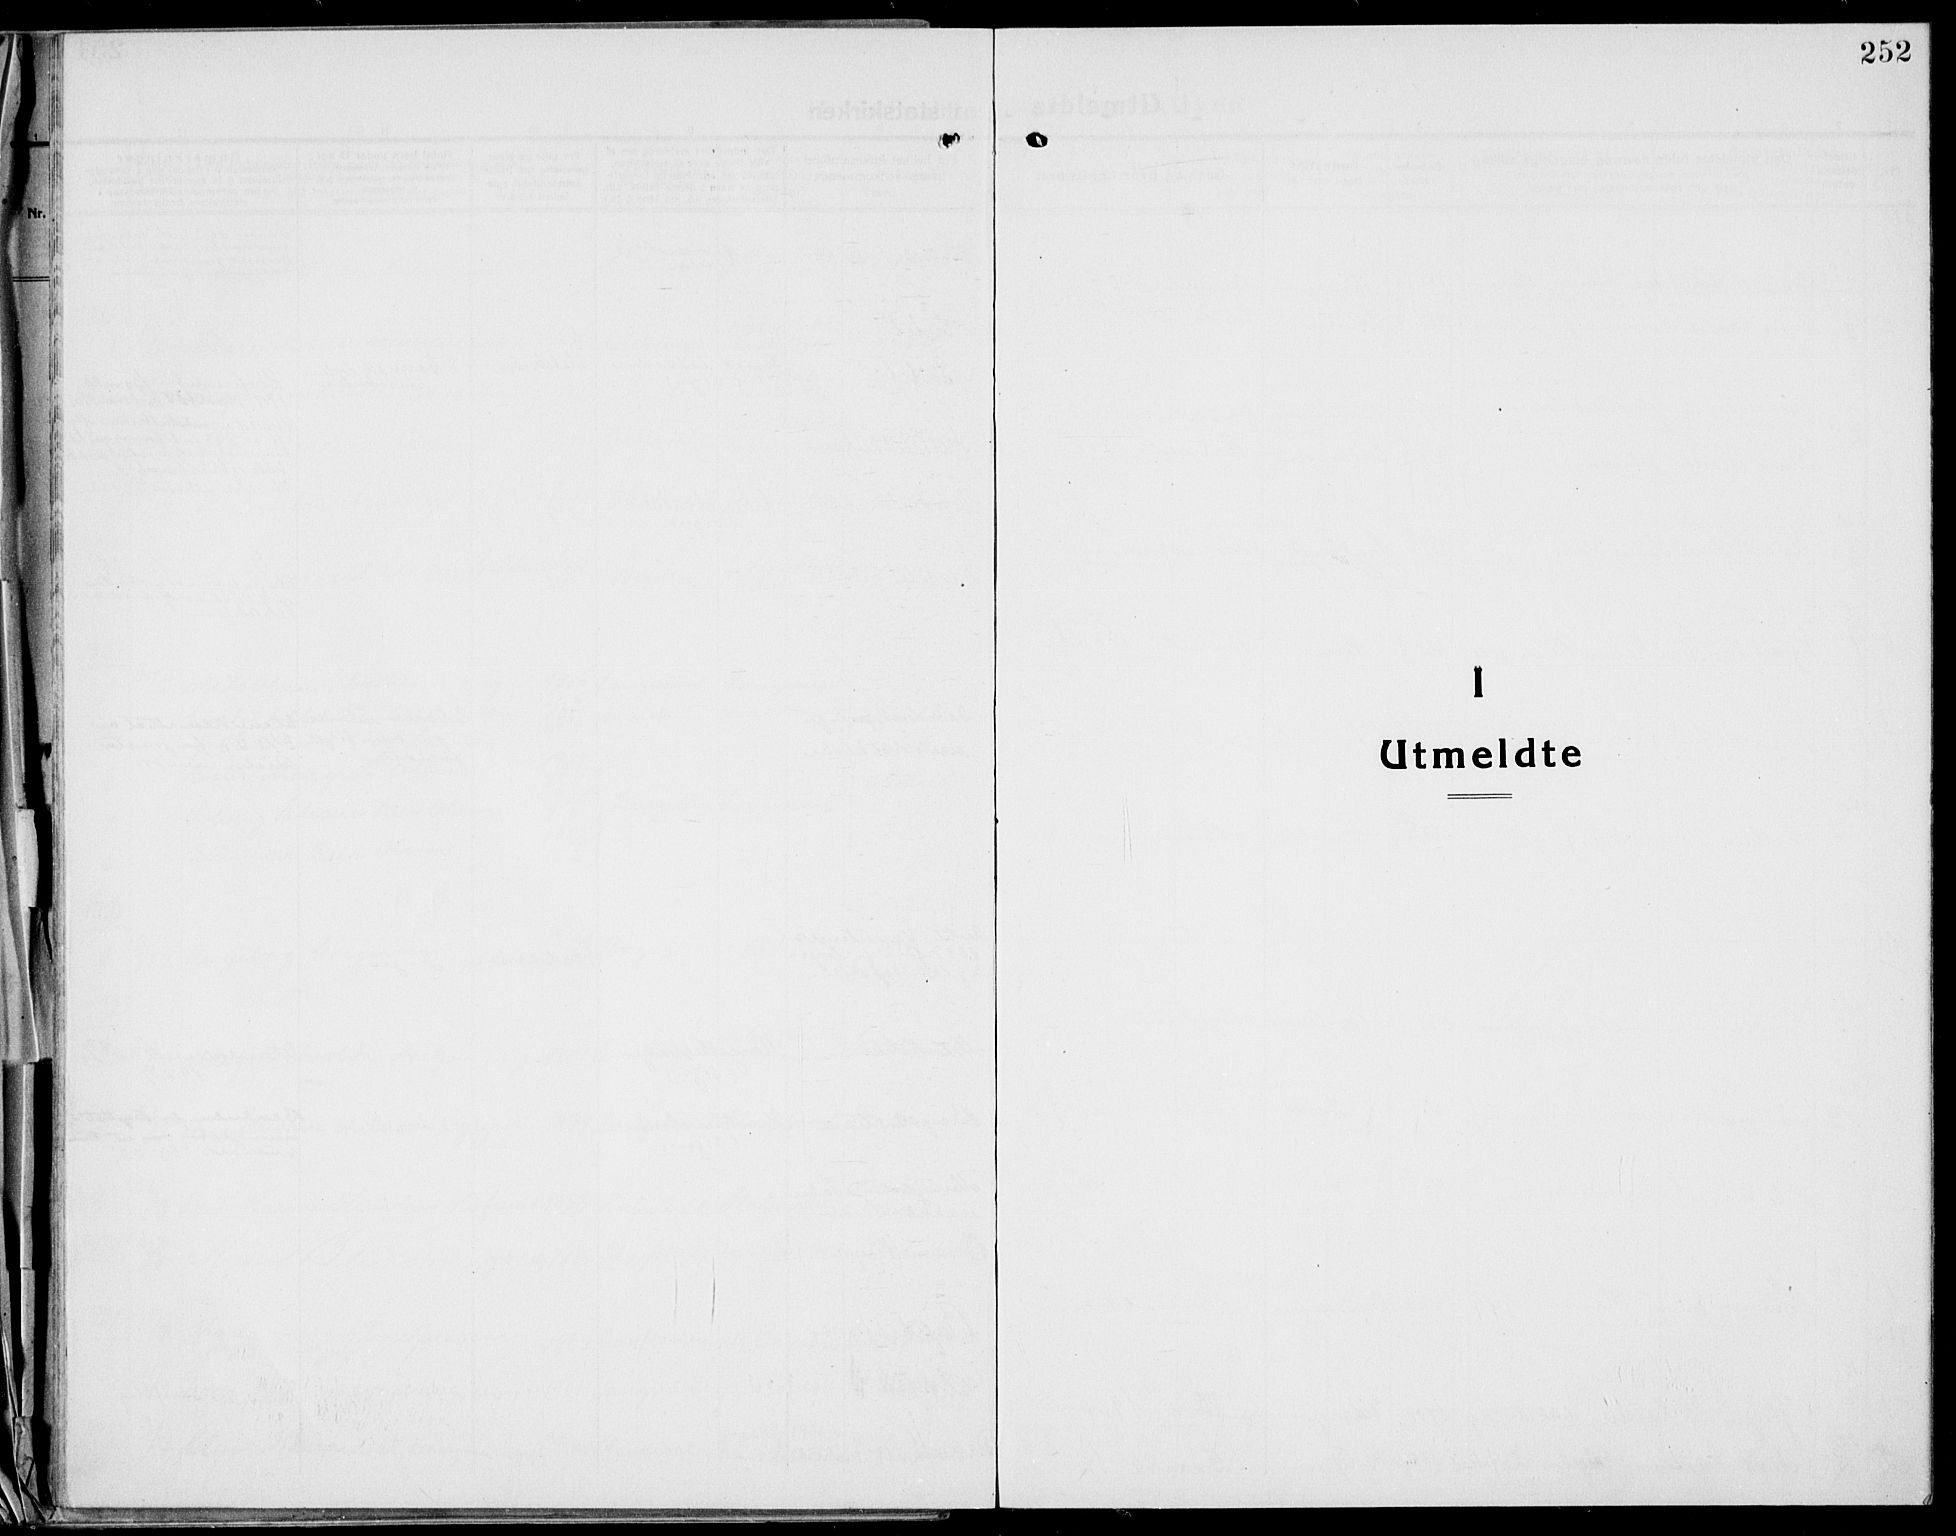 SAKO, Bamble kirkebøker, G/Ga/L0011: Klokkerbok nr. I 11, 1920-1935, s. 252